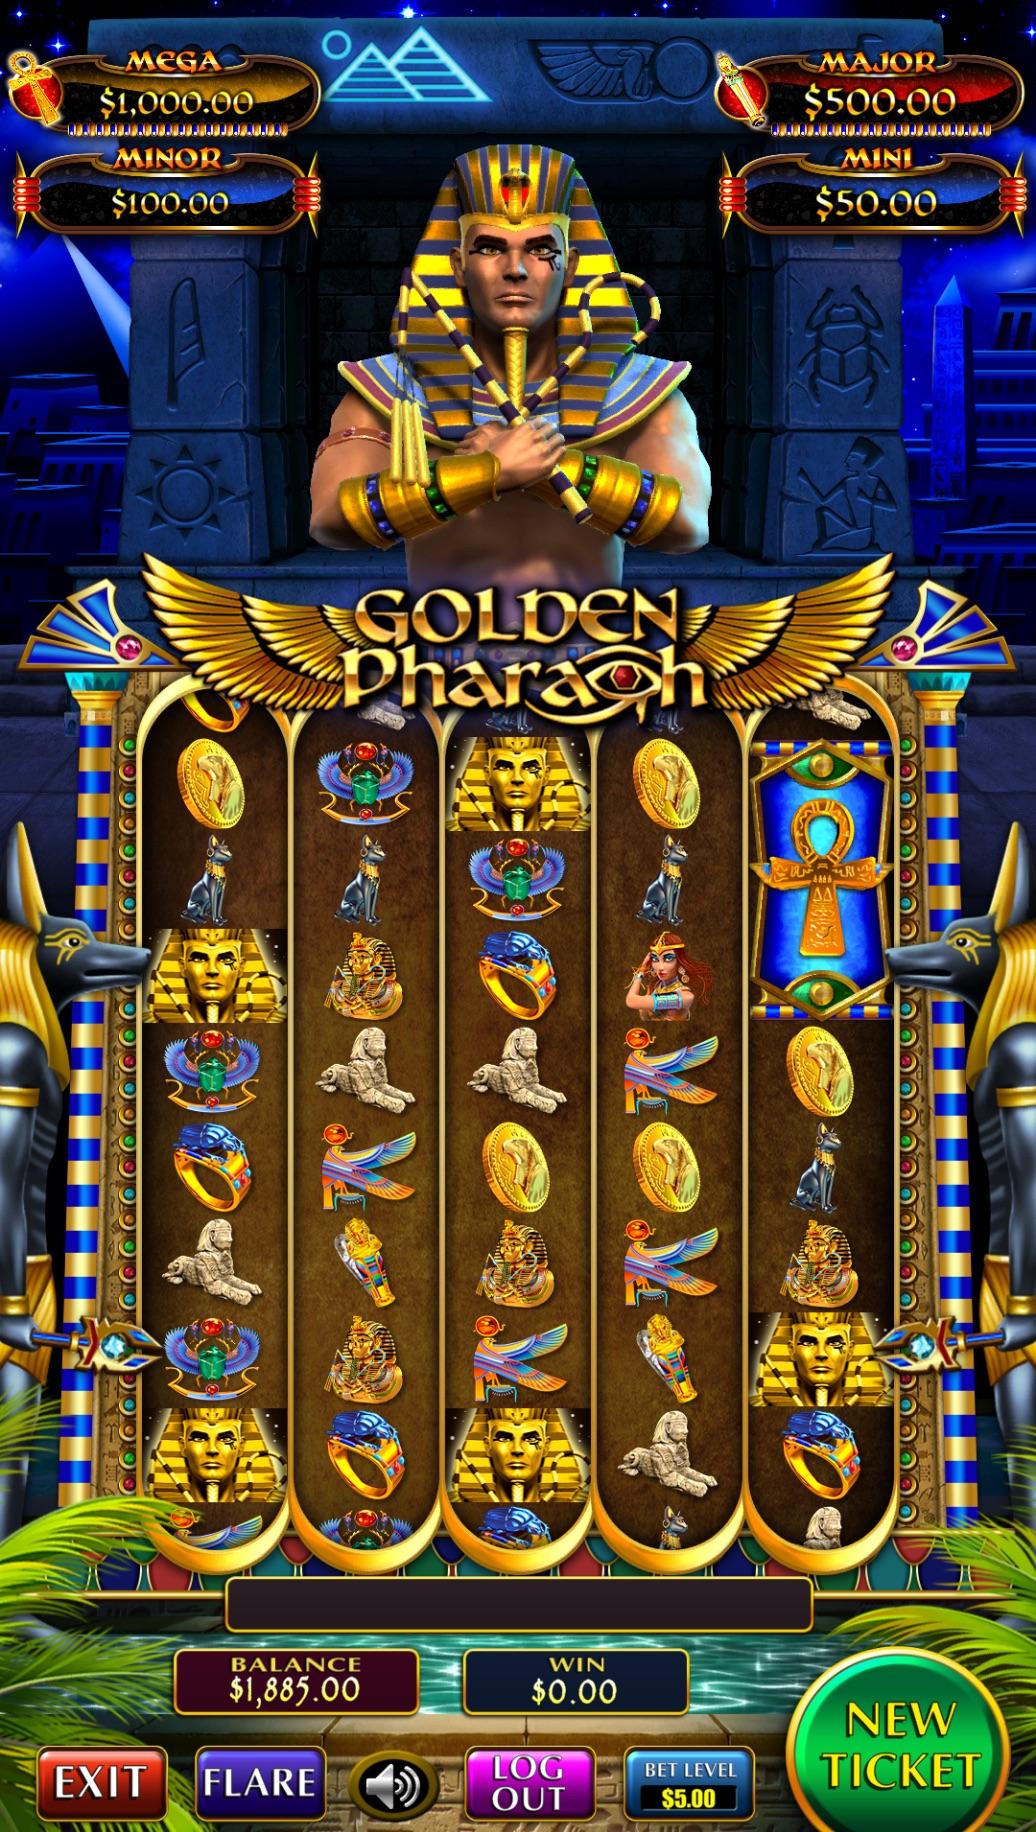 Golden Pharaoh Vertical Pull Tab Game